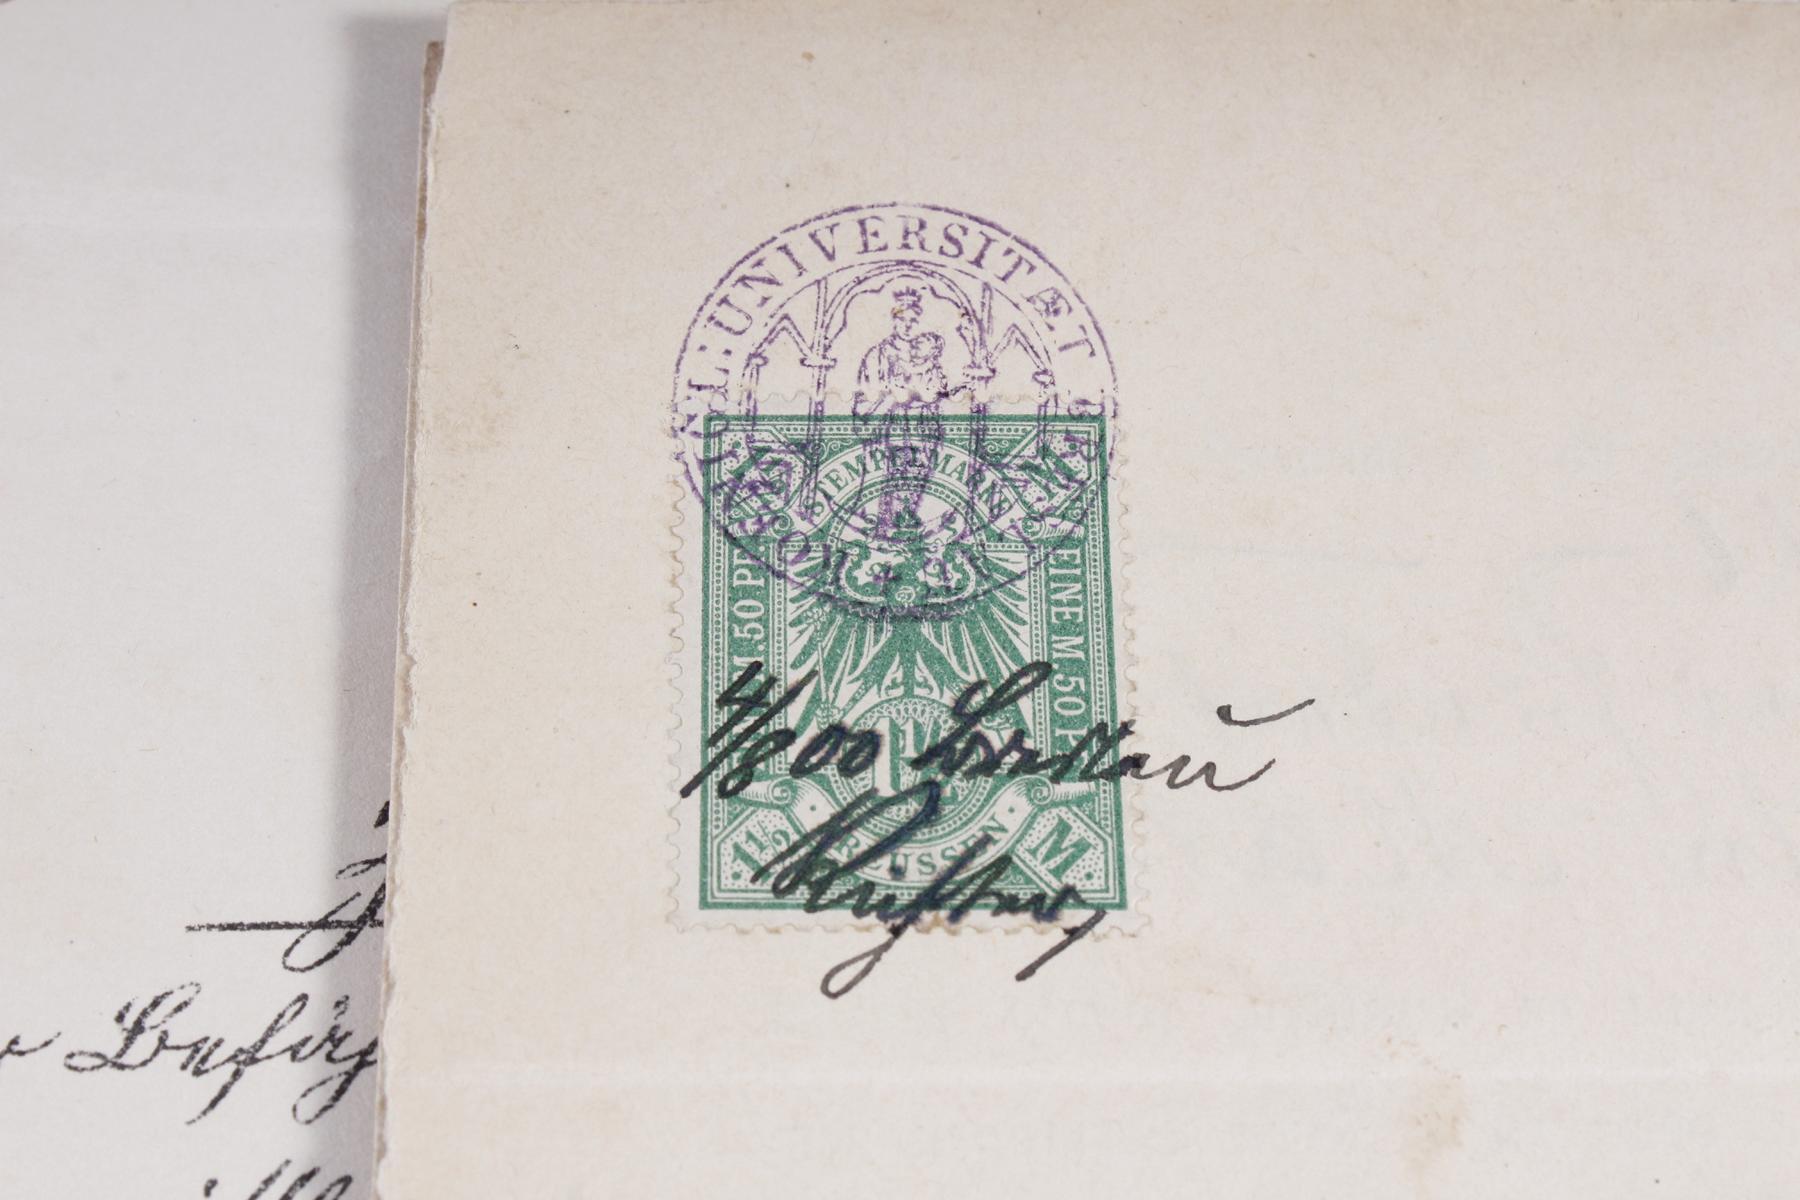 Dokumente, Urkunden uä. eines Pfarrers in Königsberg (Ostpreußen)-5